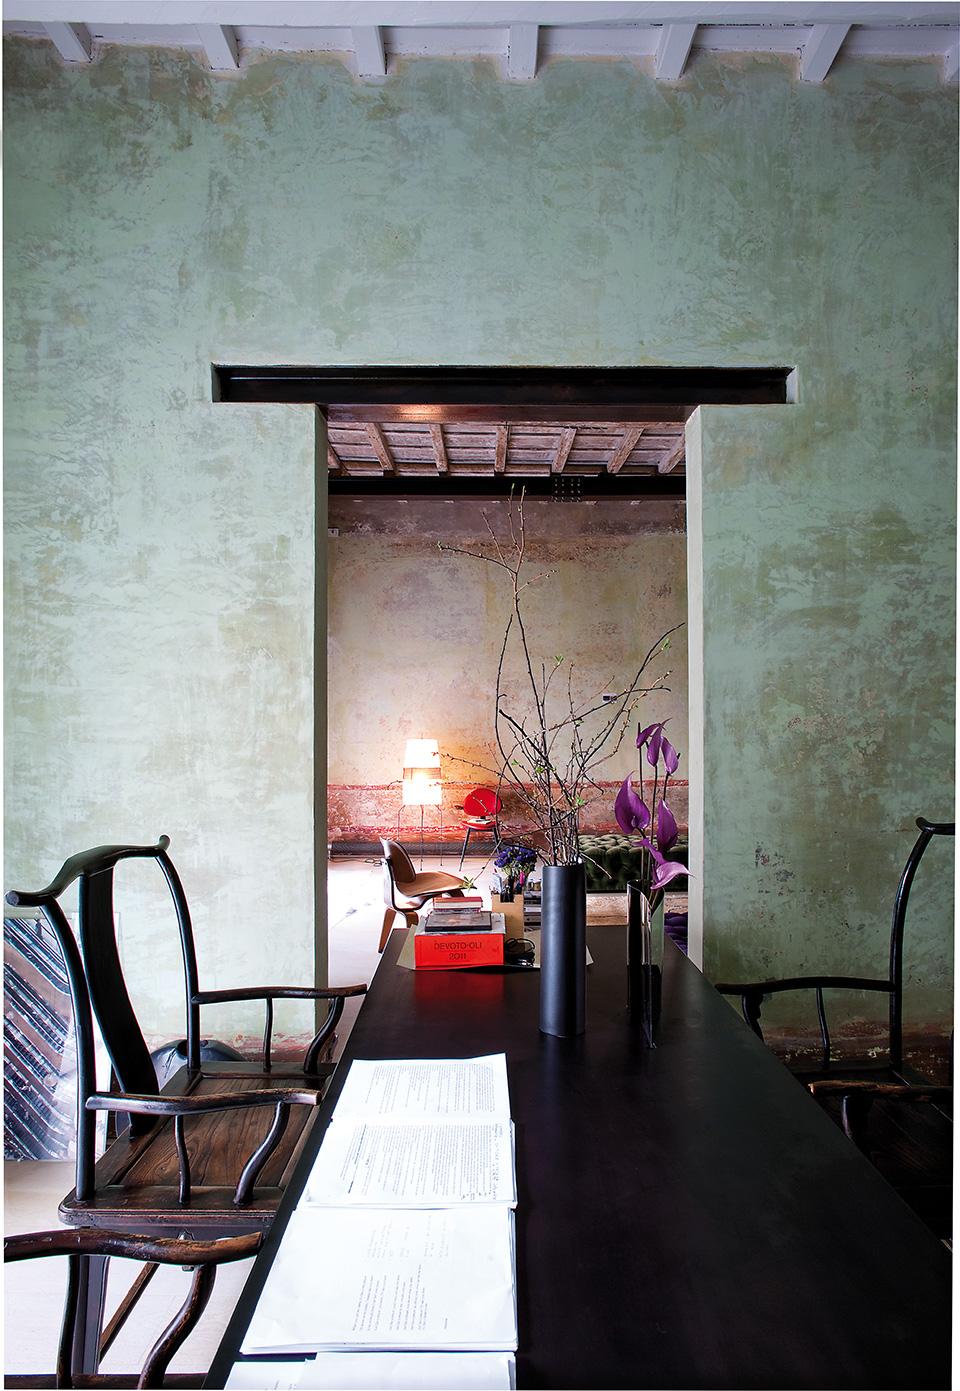 书房里,古董木质扶手椅来自中国,黑色漆木桌来自Massimiliano e DorianaFuksas;桌上的花瓶则由Elisa的母亲Doriana设计。